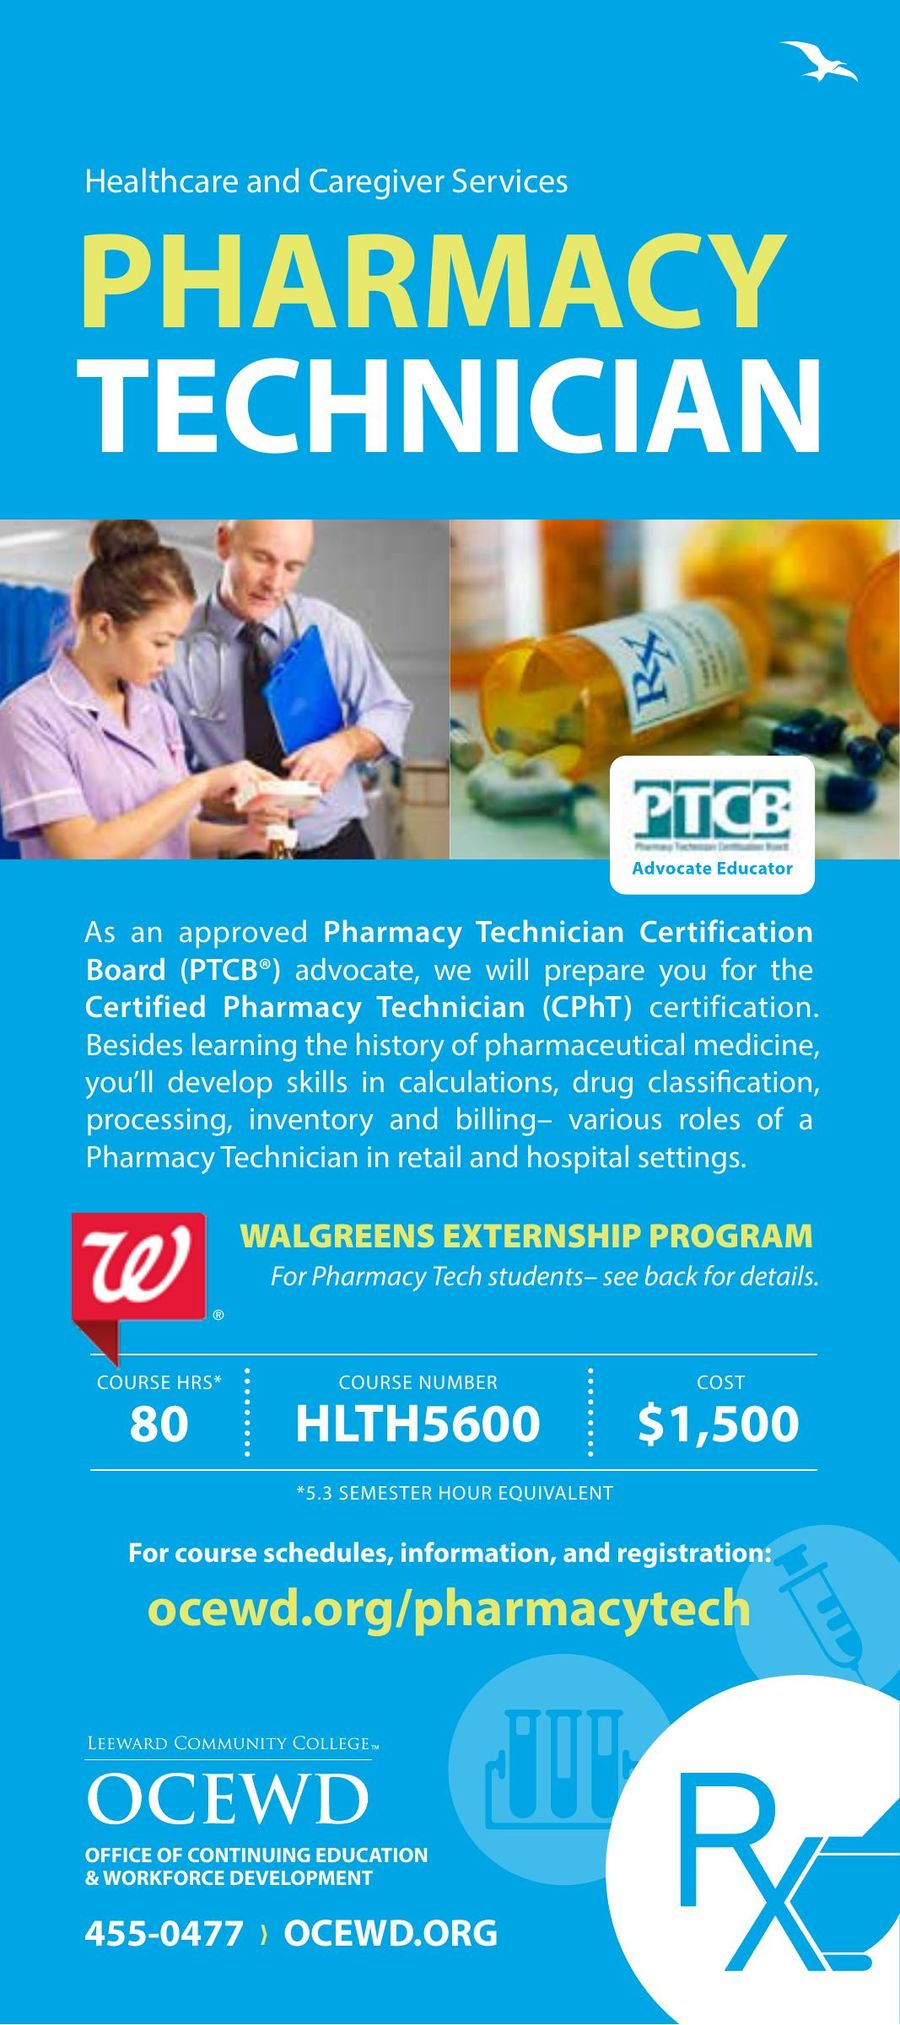 Certified Pharmacy Technician Cpht 2016 By Leeward Community College